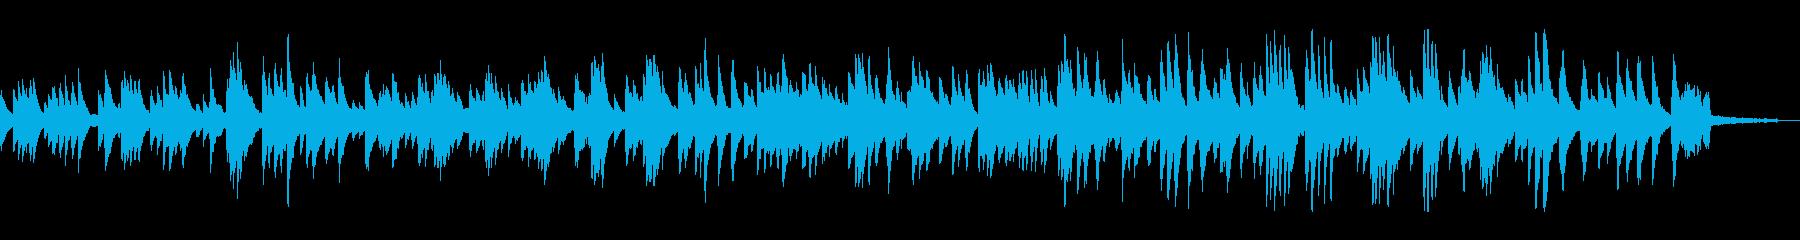 もの悲しいバラードのジャズ風ピアノソロの再生済みの波形